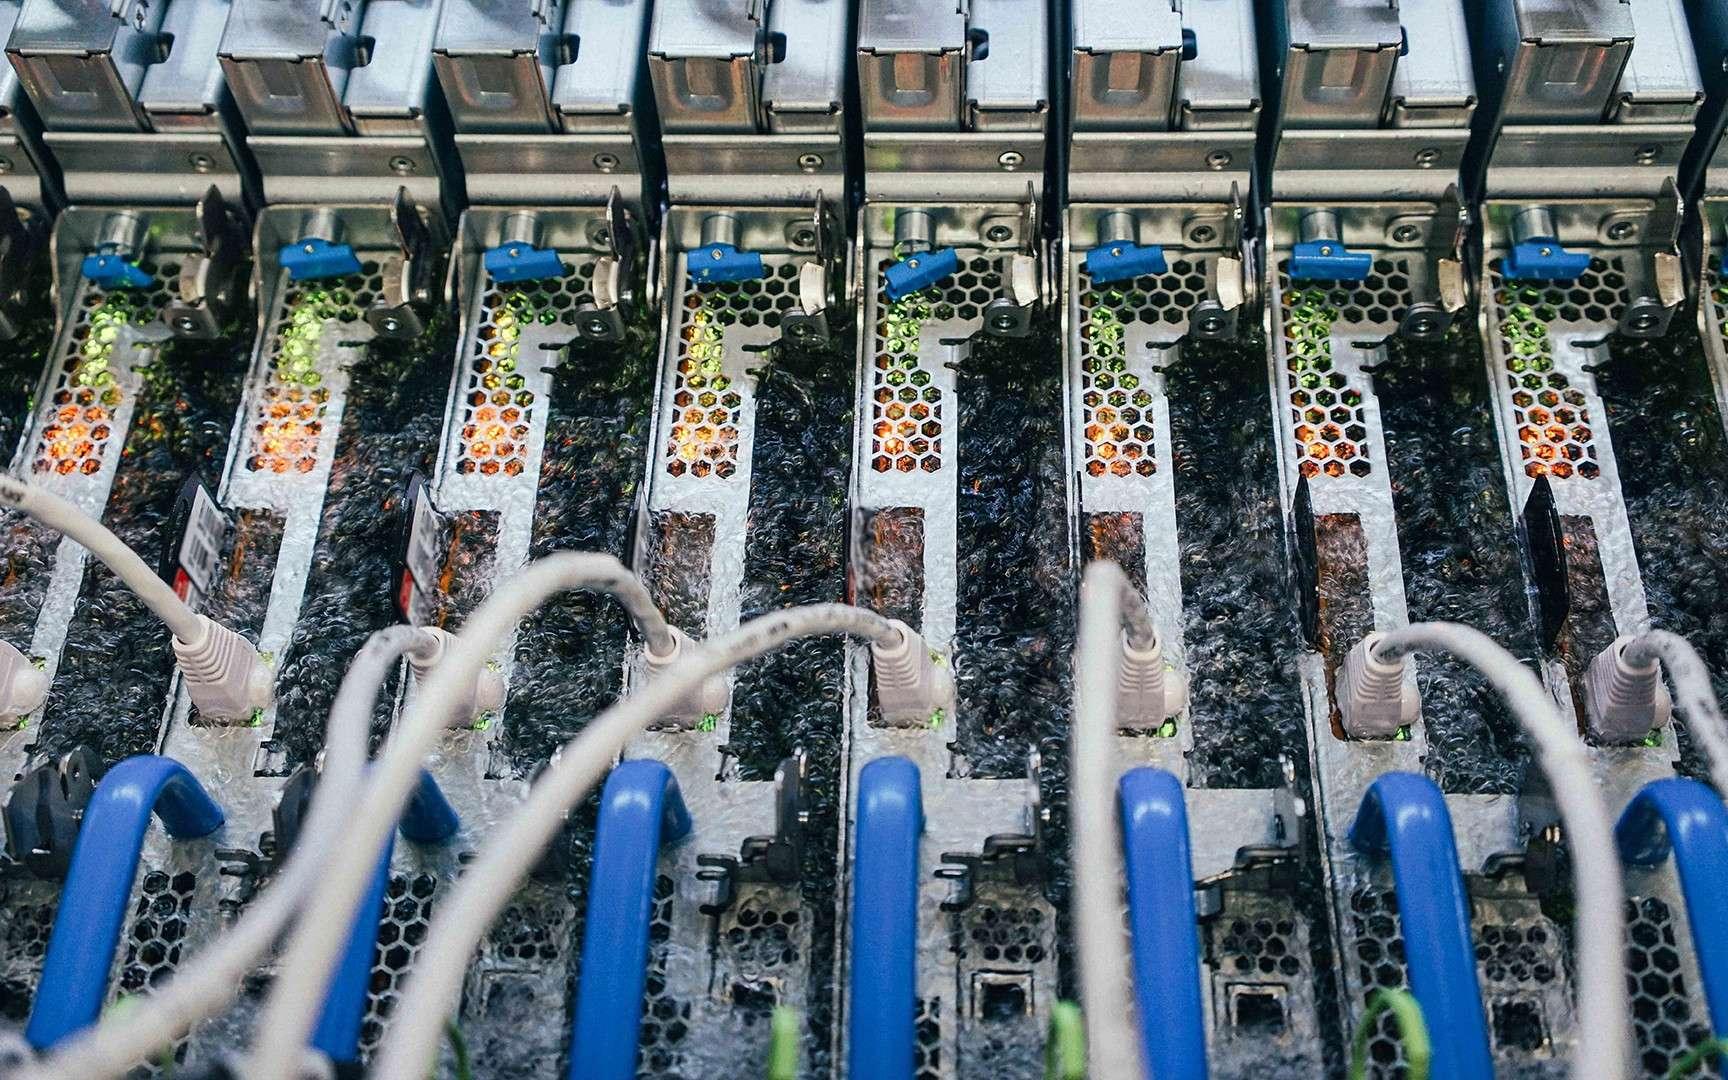 Le liquide utilisé pour le système de refroidissement par immersion biphasé bout à 50 °C. © Gene Twedt pour Microsoft